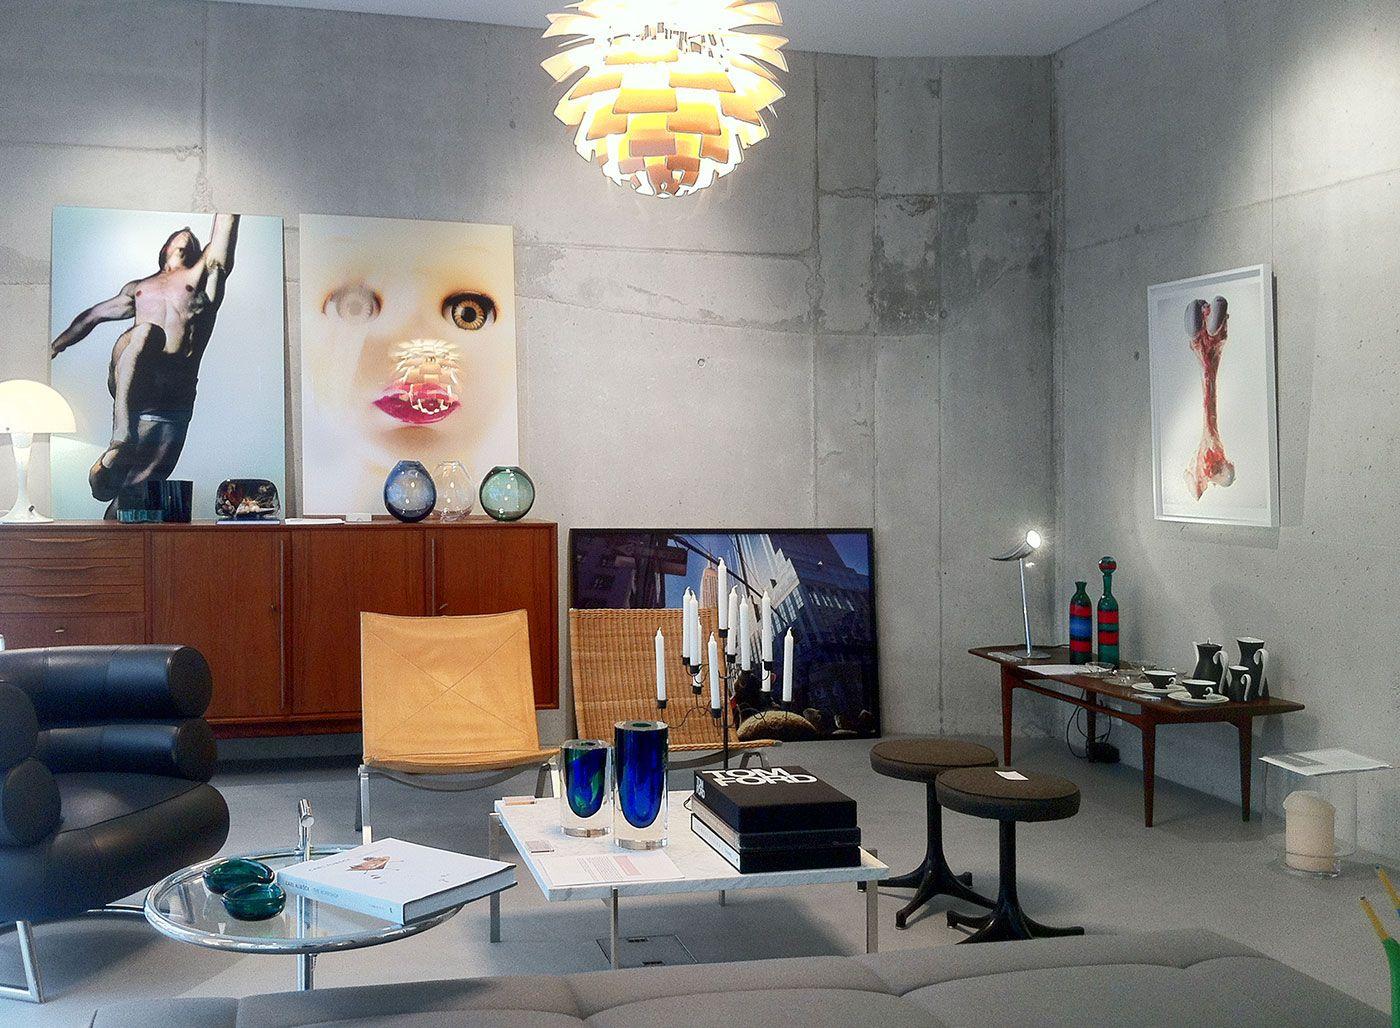 Wohnzimmer Galerie Zurich Kunstausstellungen Vintage Mobel